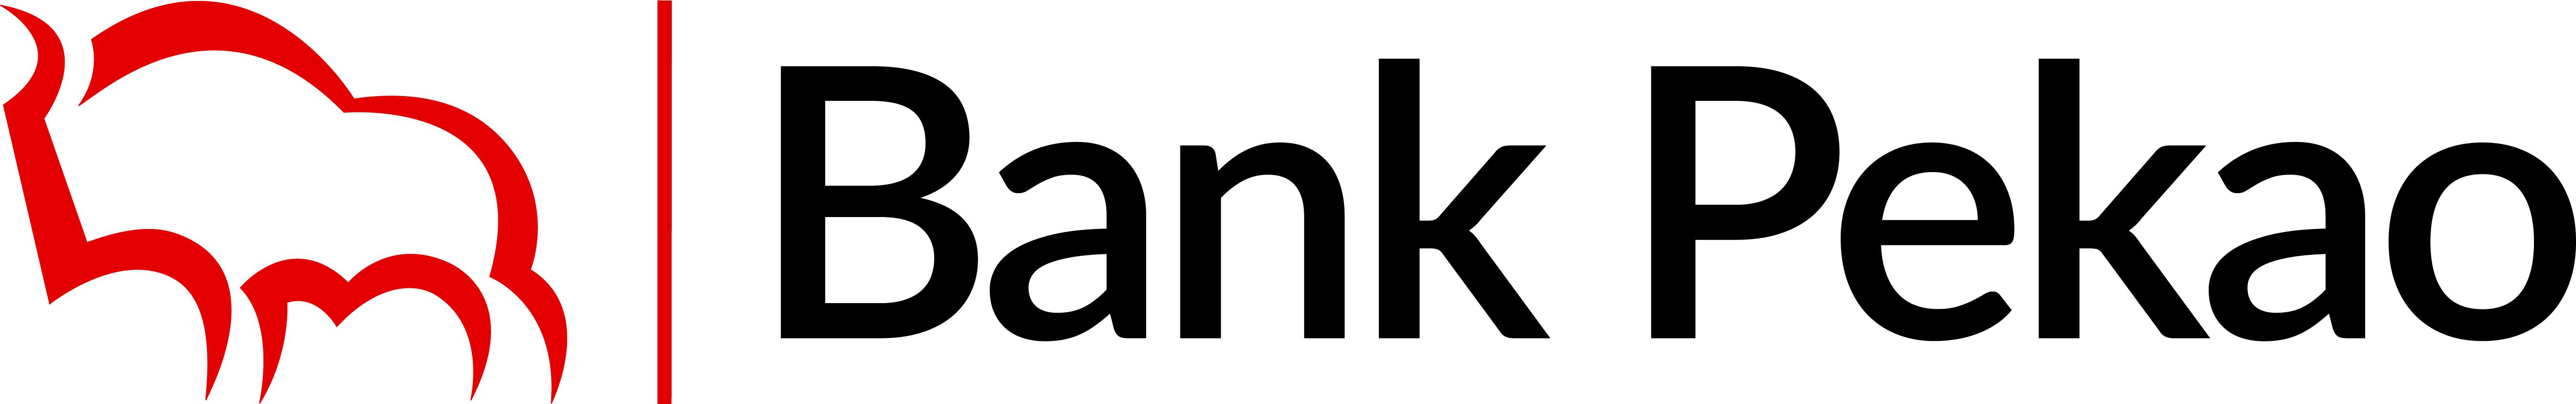 Bank Polska Kasa Opieki SA